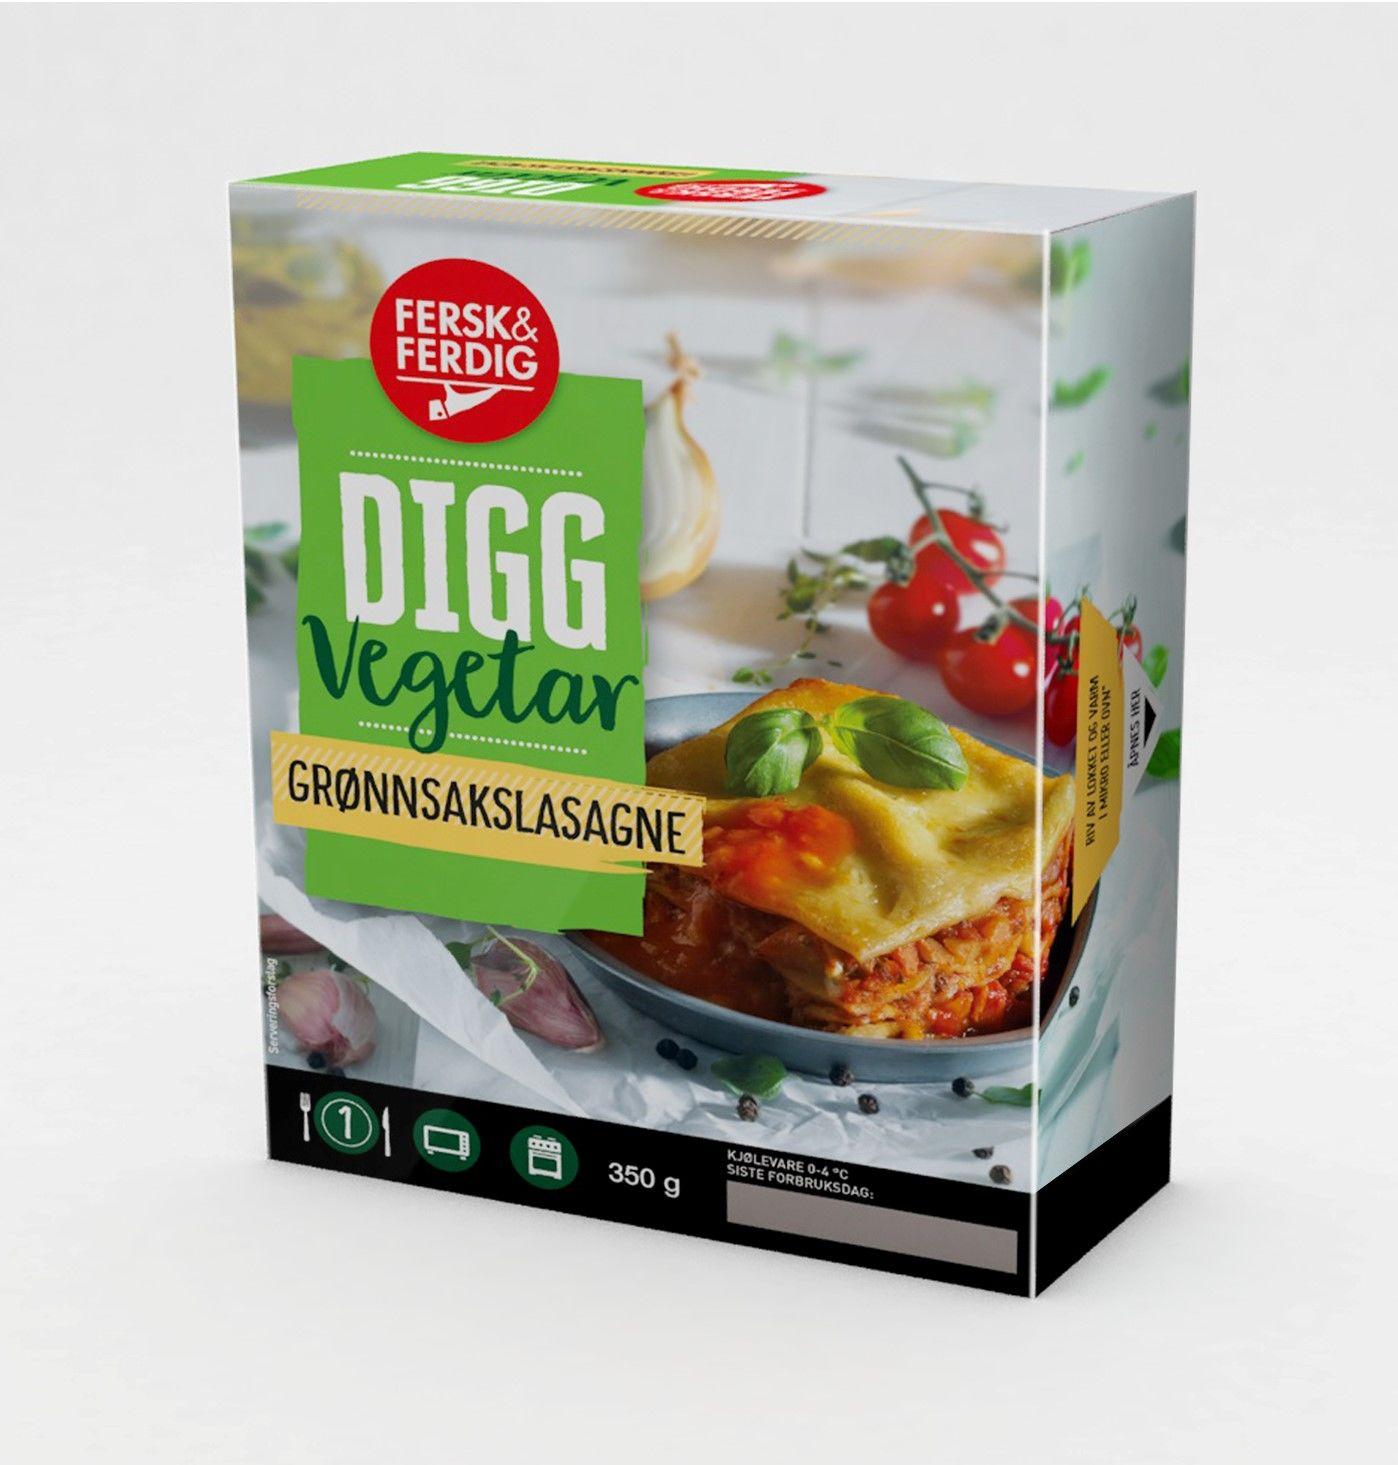 Digg Vegetar Grønnsakslasagne er et komplett måltid med myk, deilig pasta, tomat- og bechamelsaus og masse gode grønnsaker. Retten inneholder meieriprodukter.